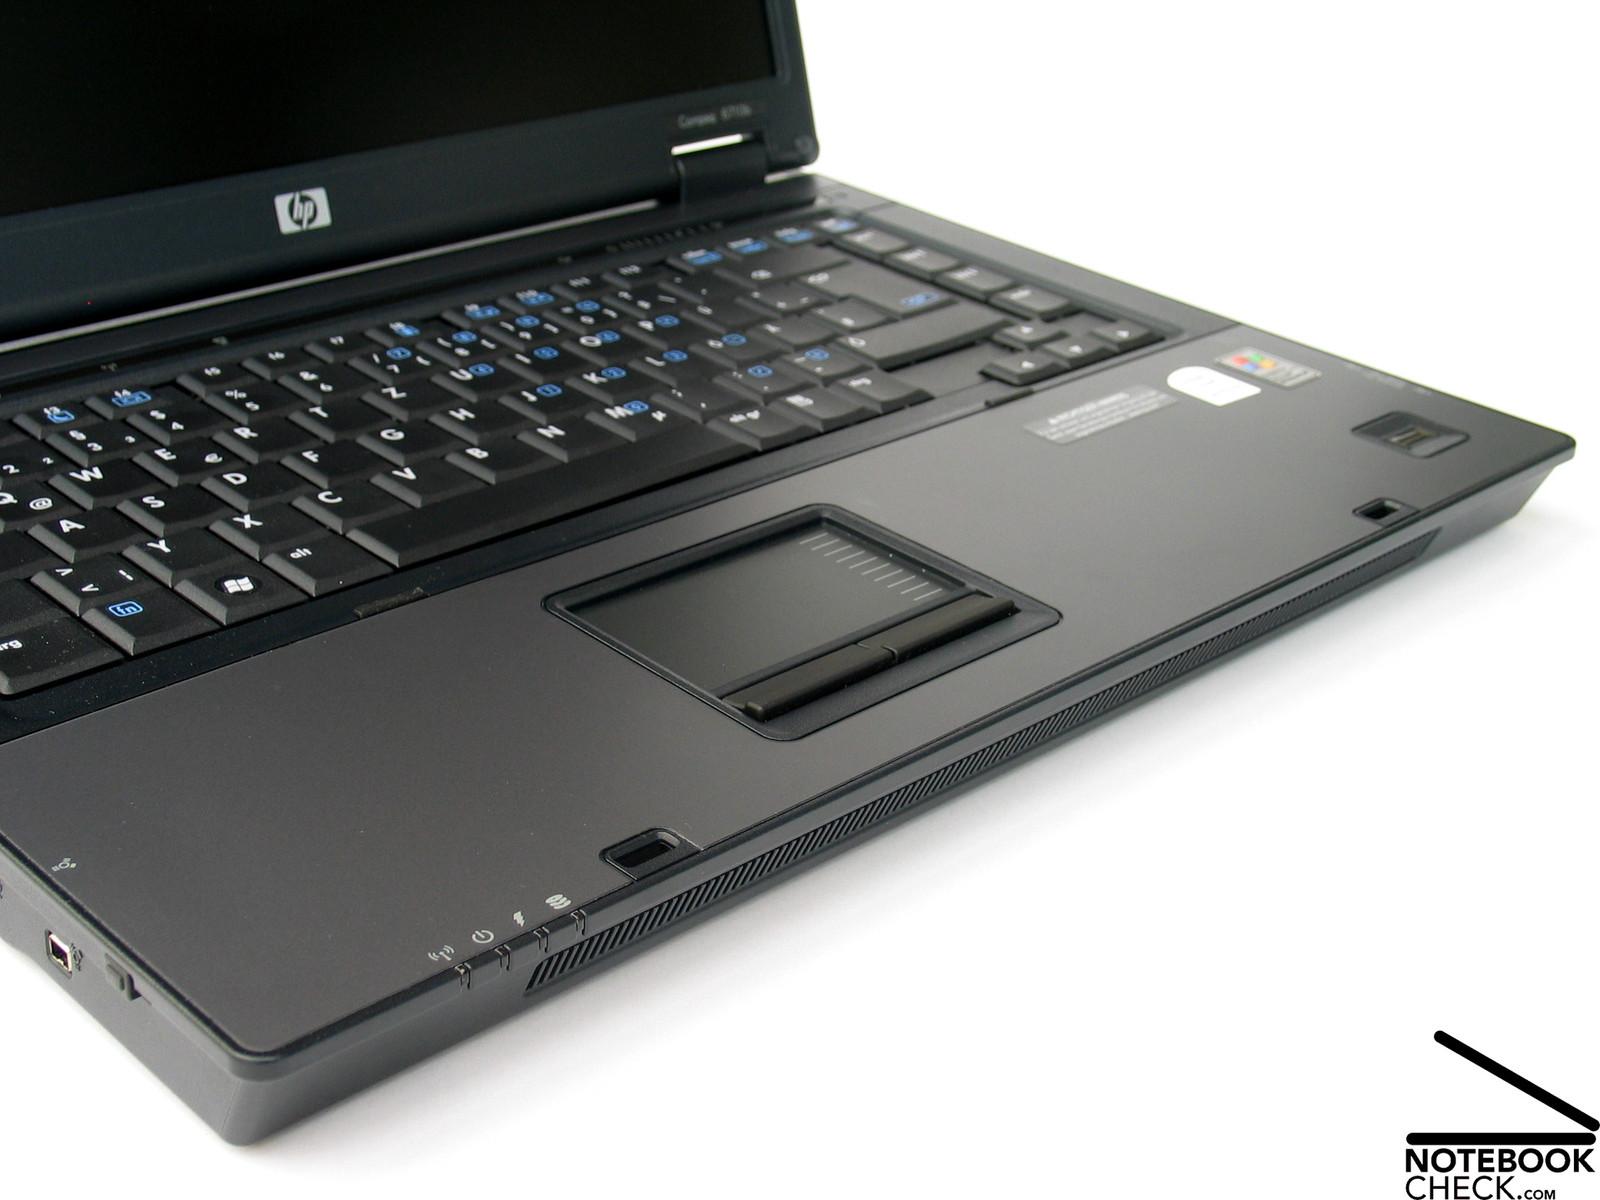 HP COMPAQ 6710B NOTEBOOK LAN TREIBER HERUNTERLADEN